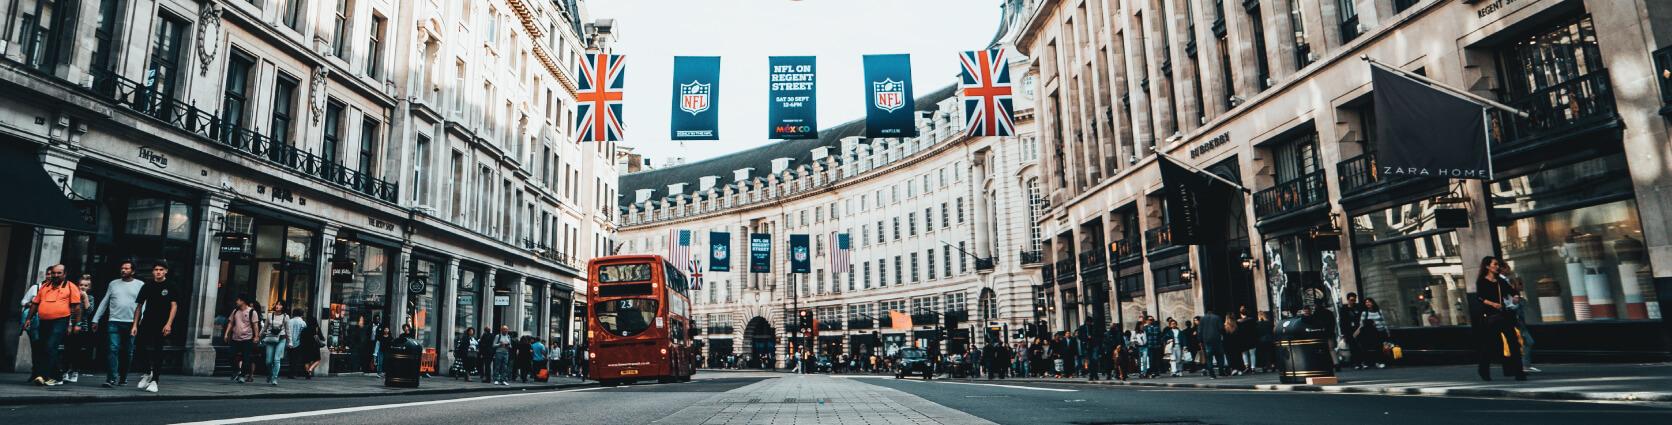 Besplatno upoznavanje događaja London